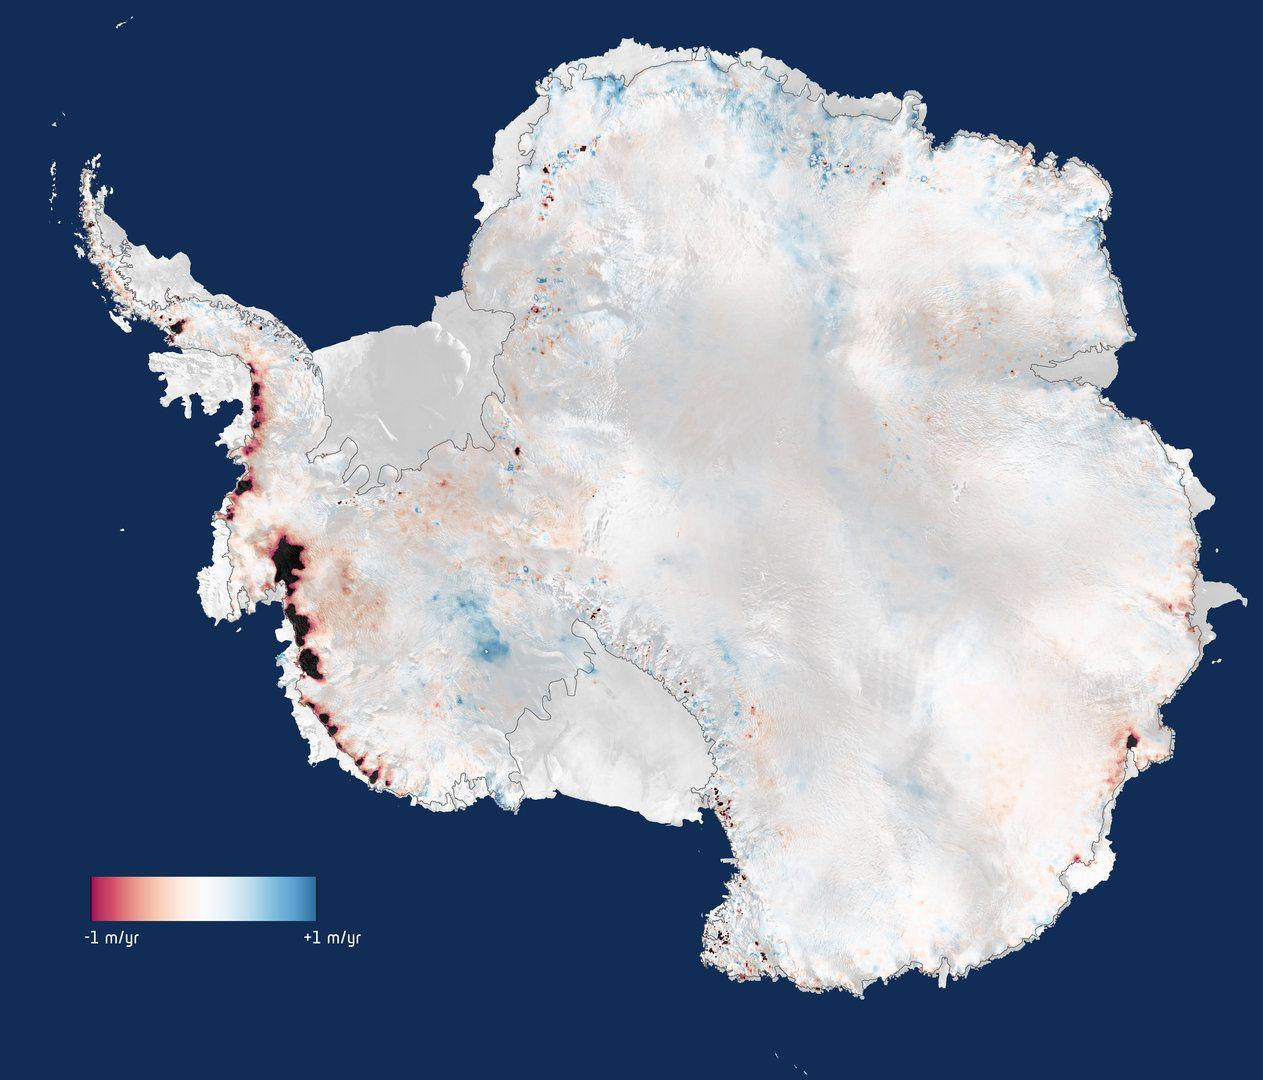 La pérdida de los hielos en la Antártida, potenciada por el calentamiento global (ESA)